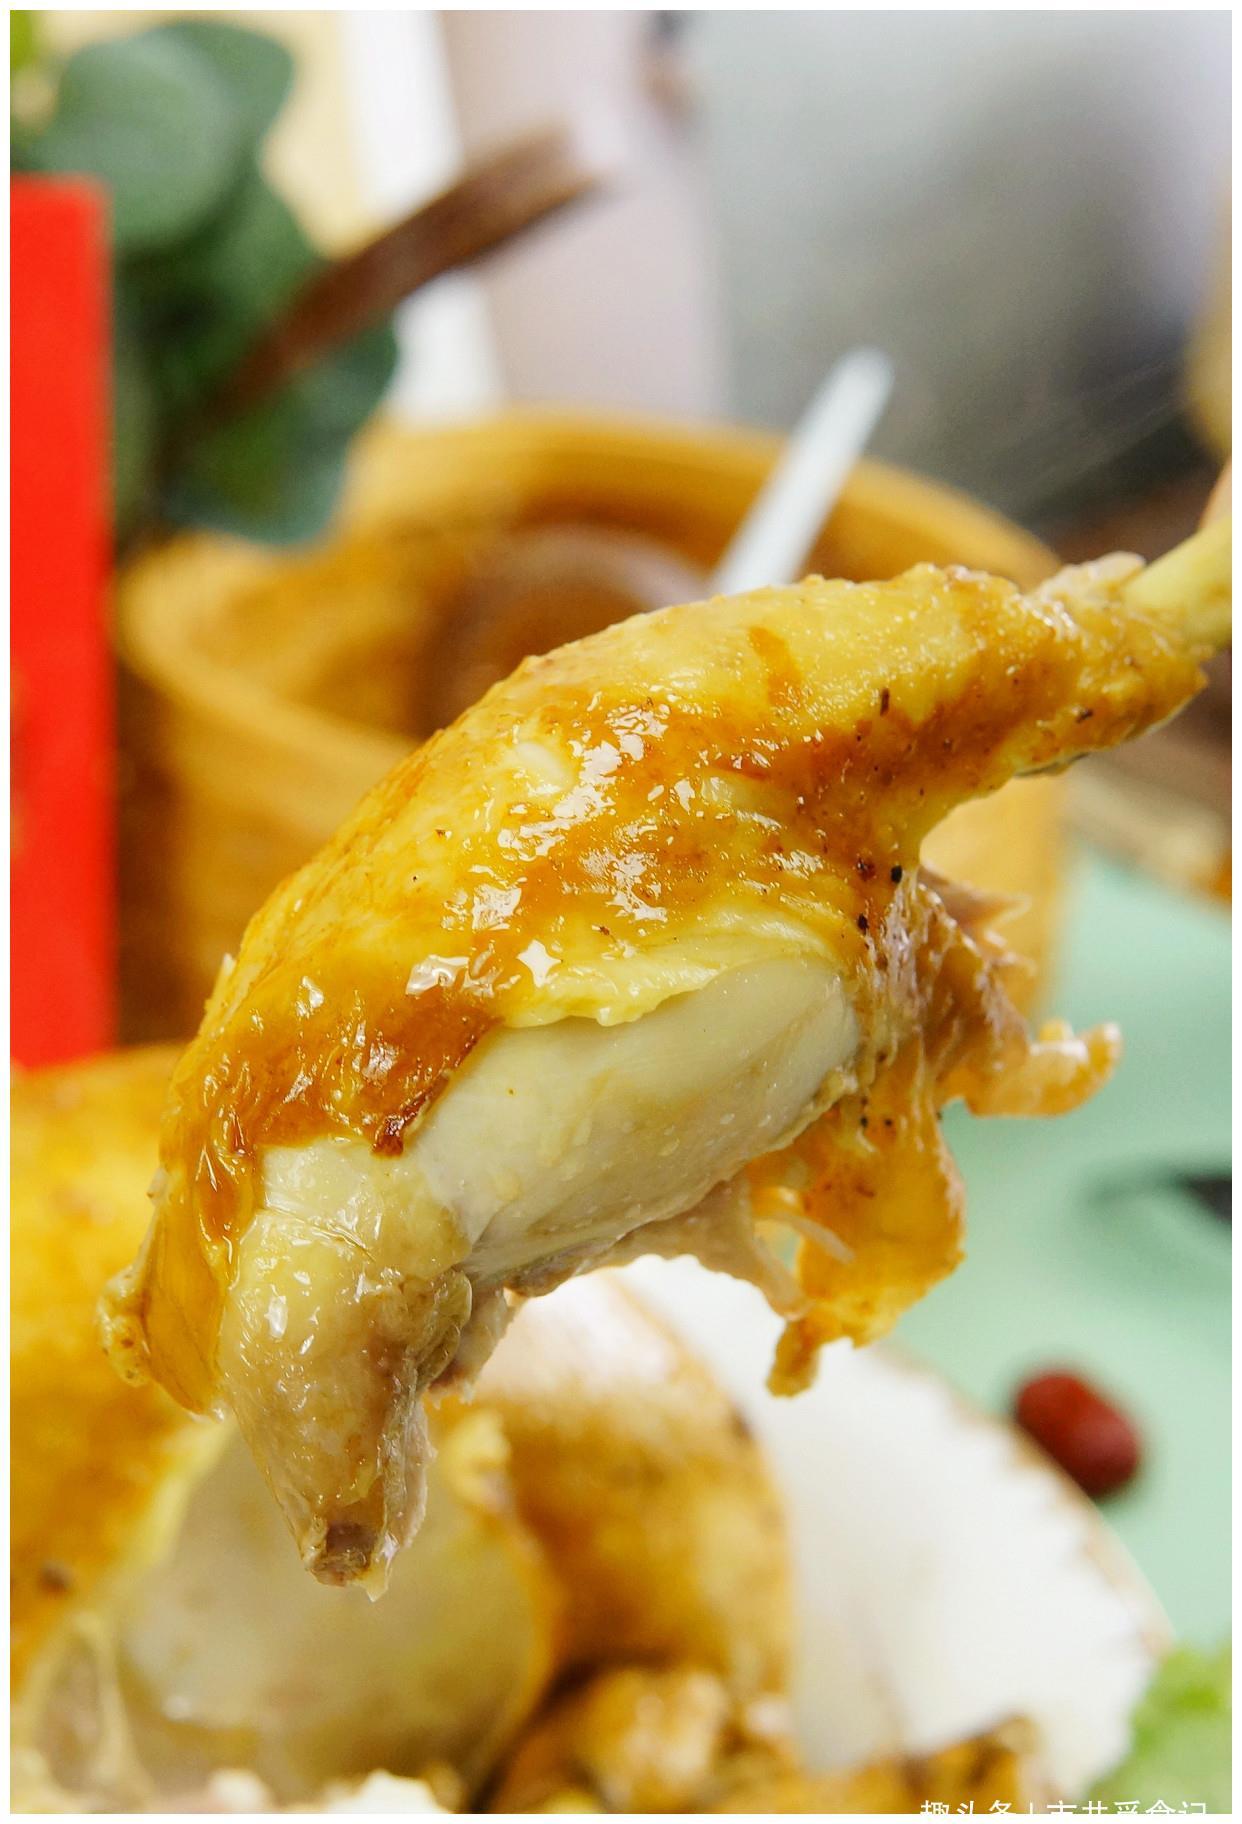 把1只鸡扔进电饭煲,不用水不用油,出锅香过吃烤鸡,太解馋了